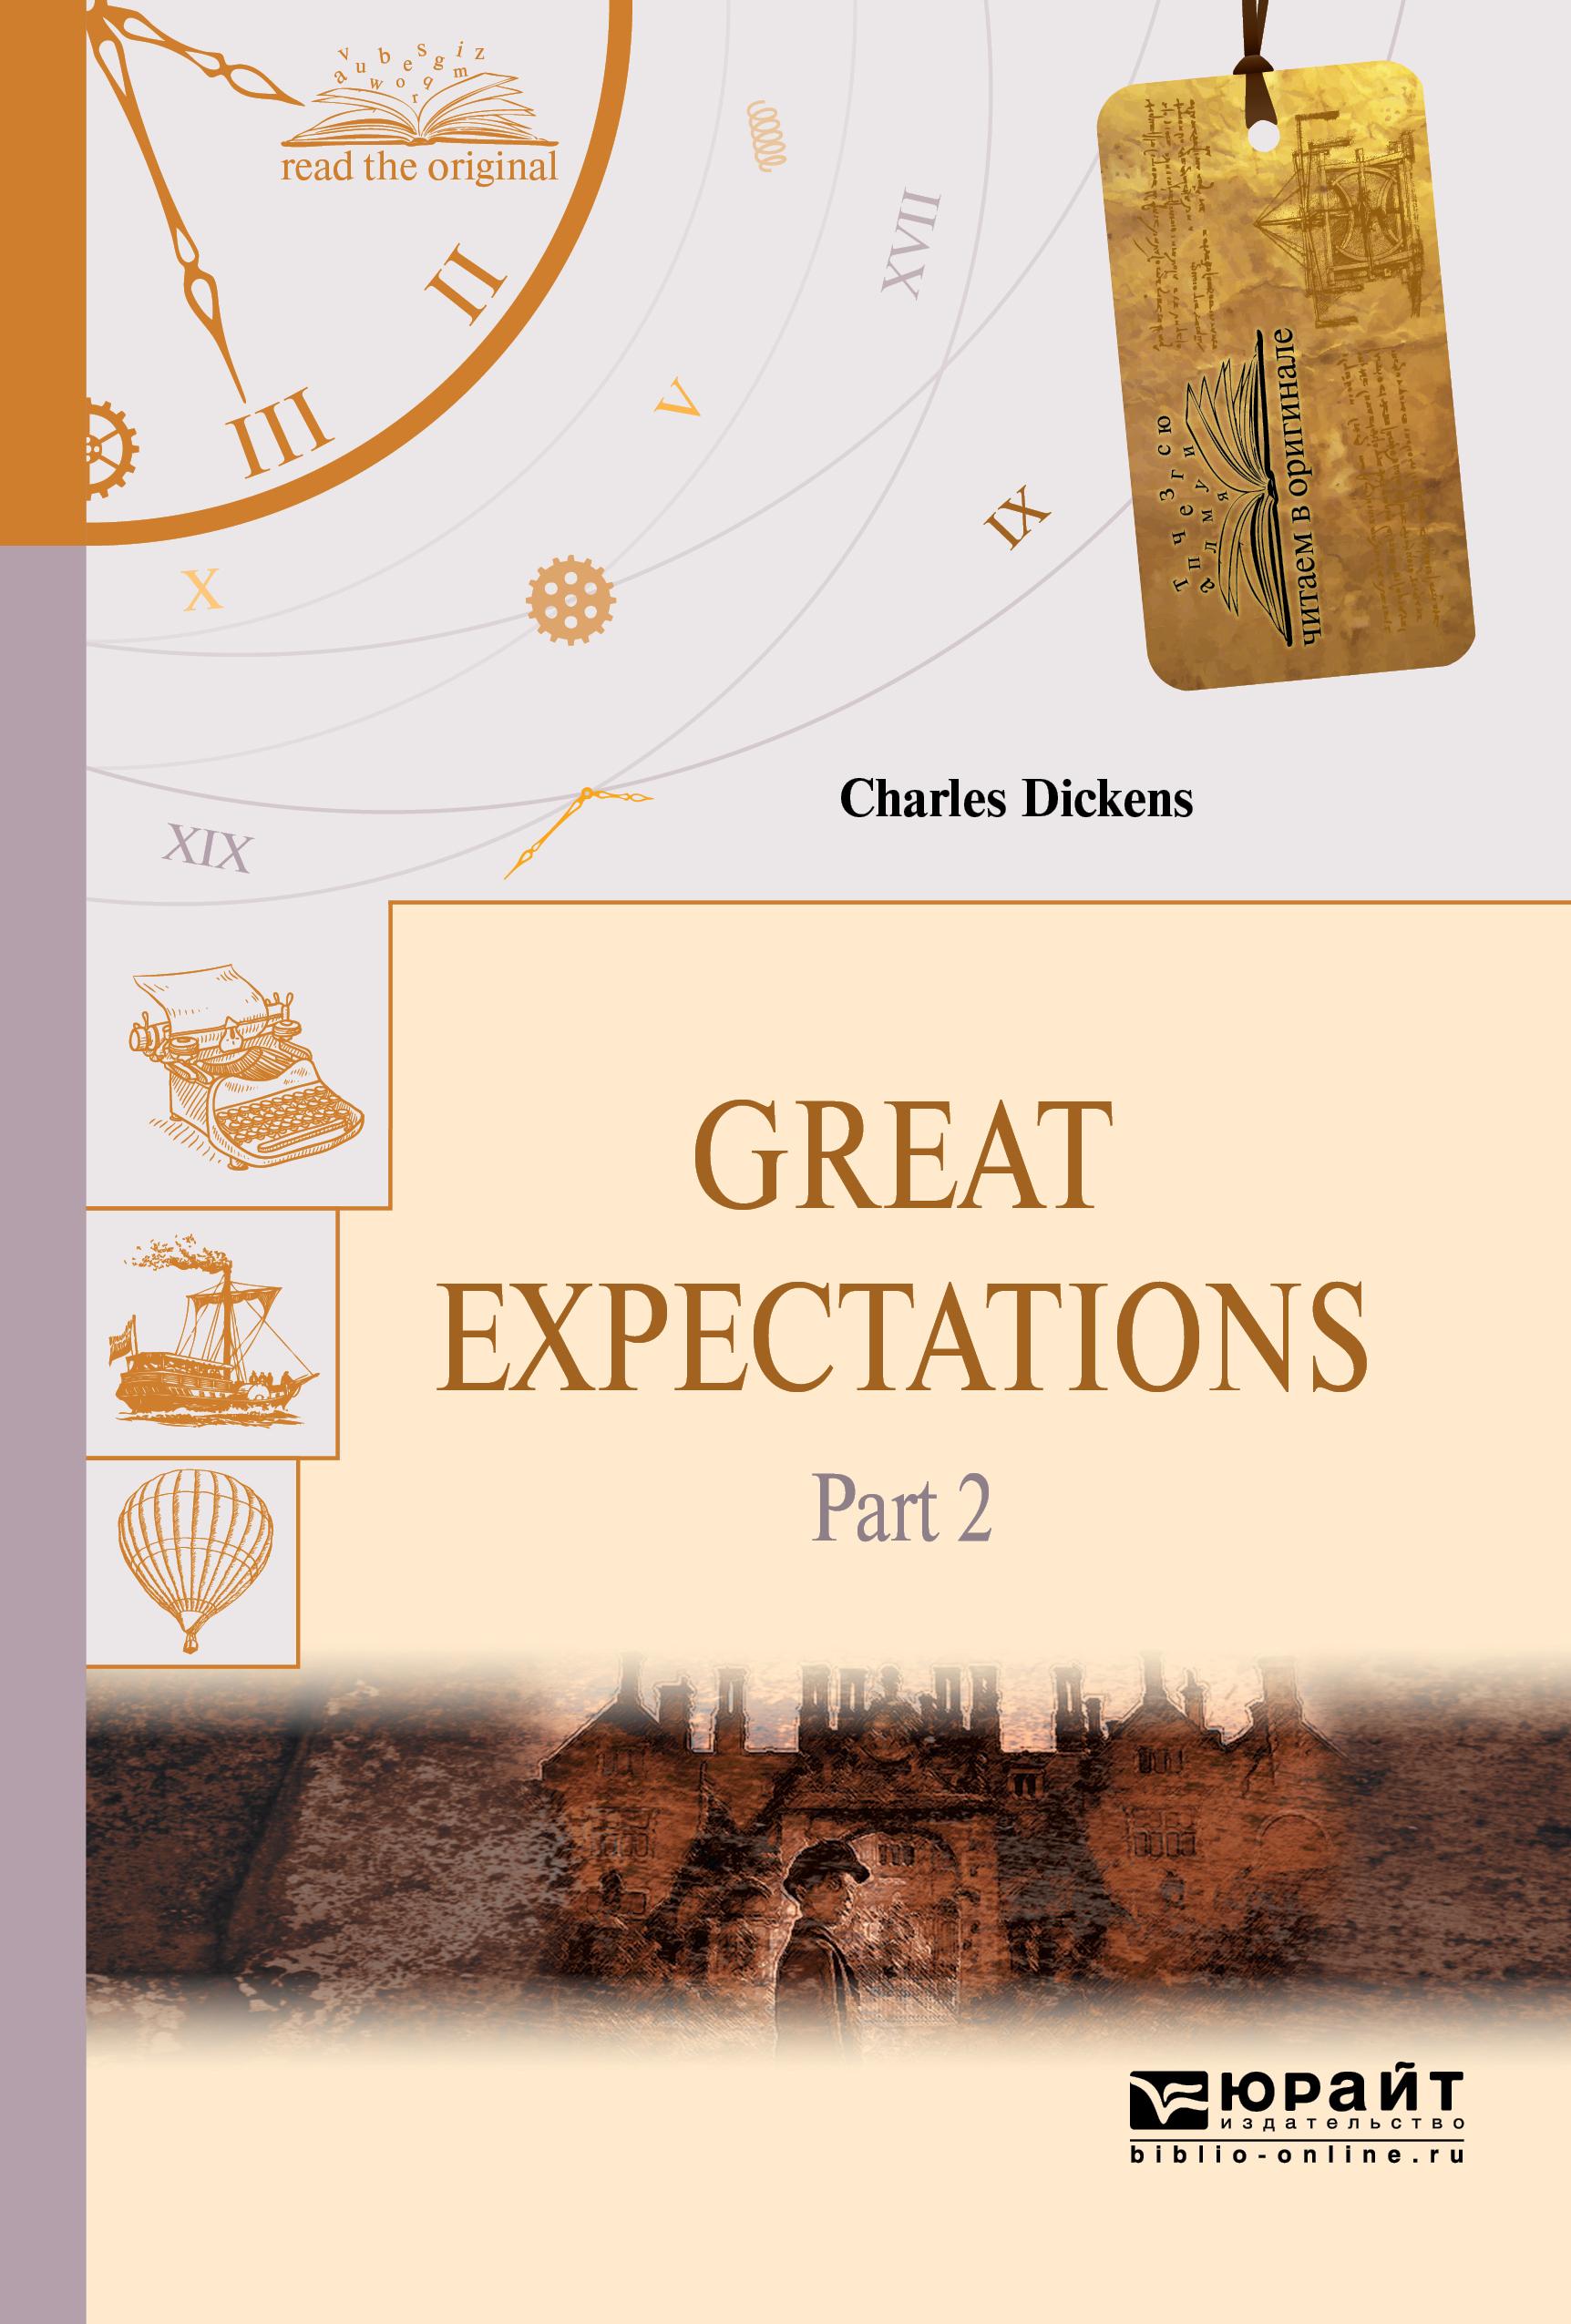 Диккенс Чарльз Great Expectations. Part 2 / Большие надежды. В 2 частях. Часть 2 статуэтки parastone статуэтка большие ожидания great expectations